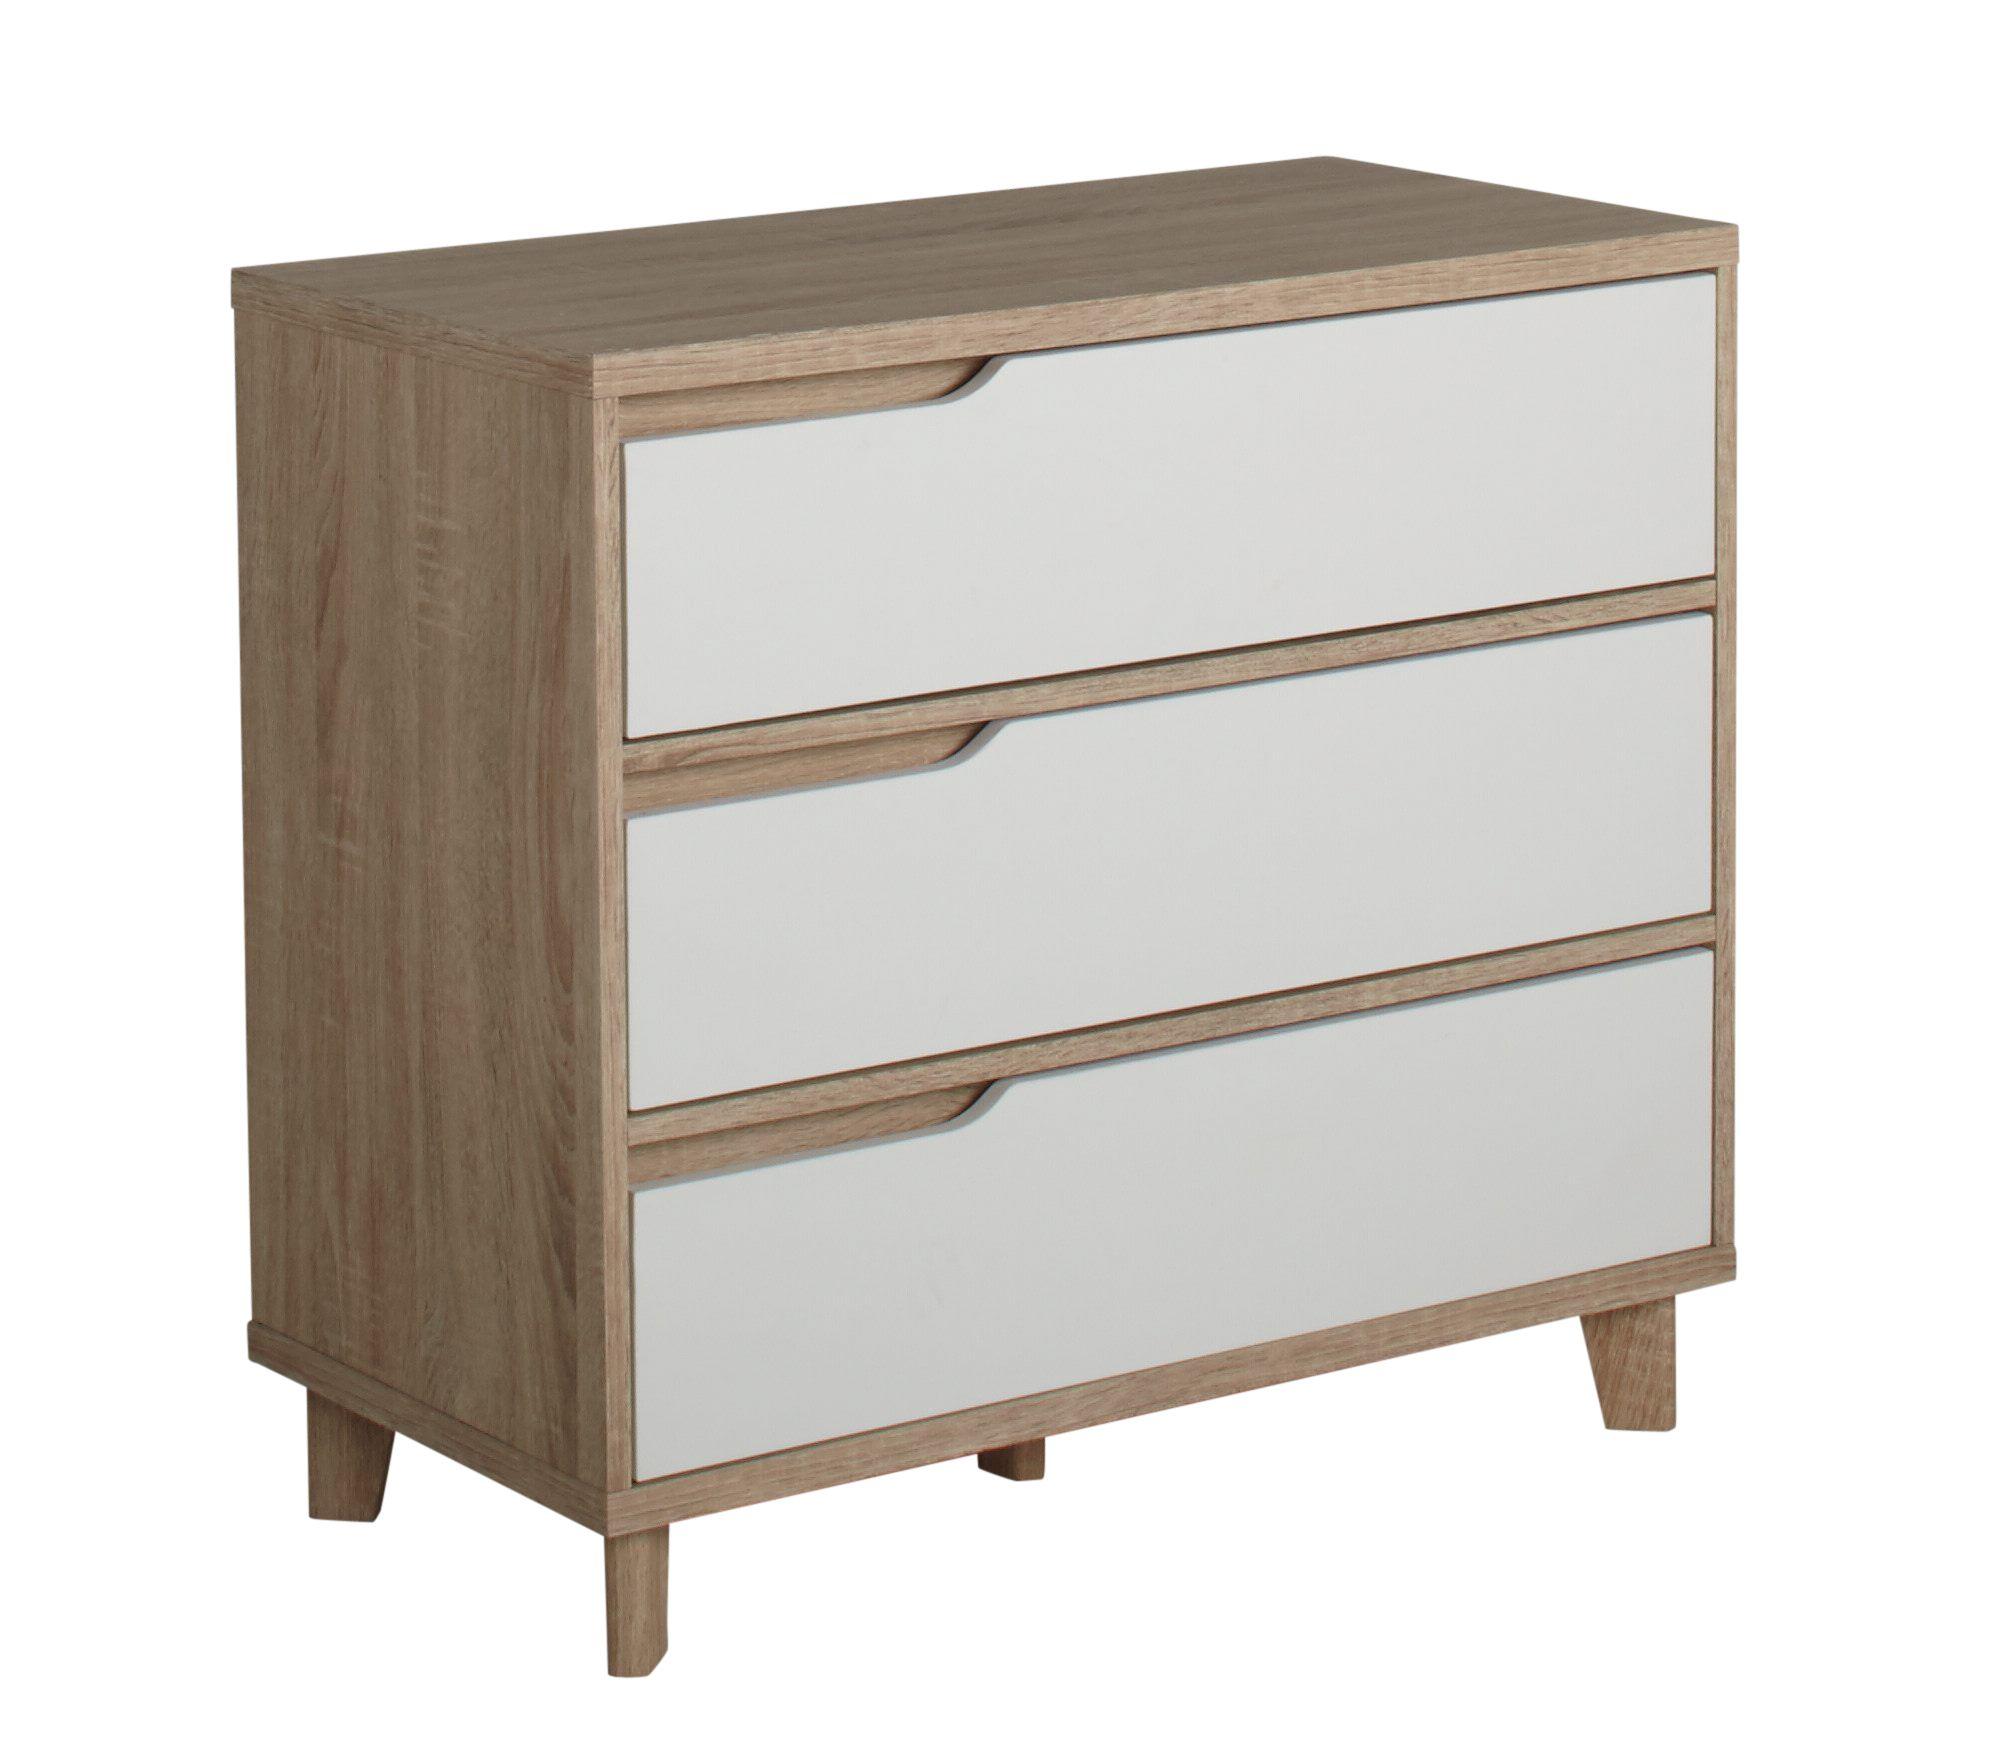 achat meubles canape lit matelas